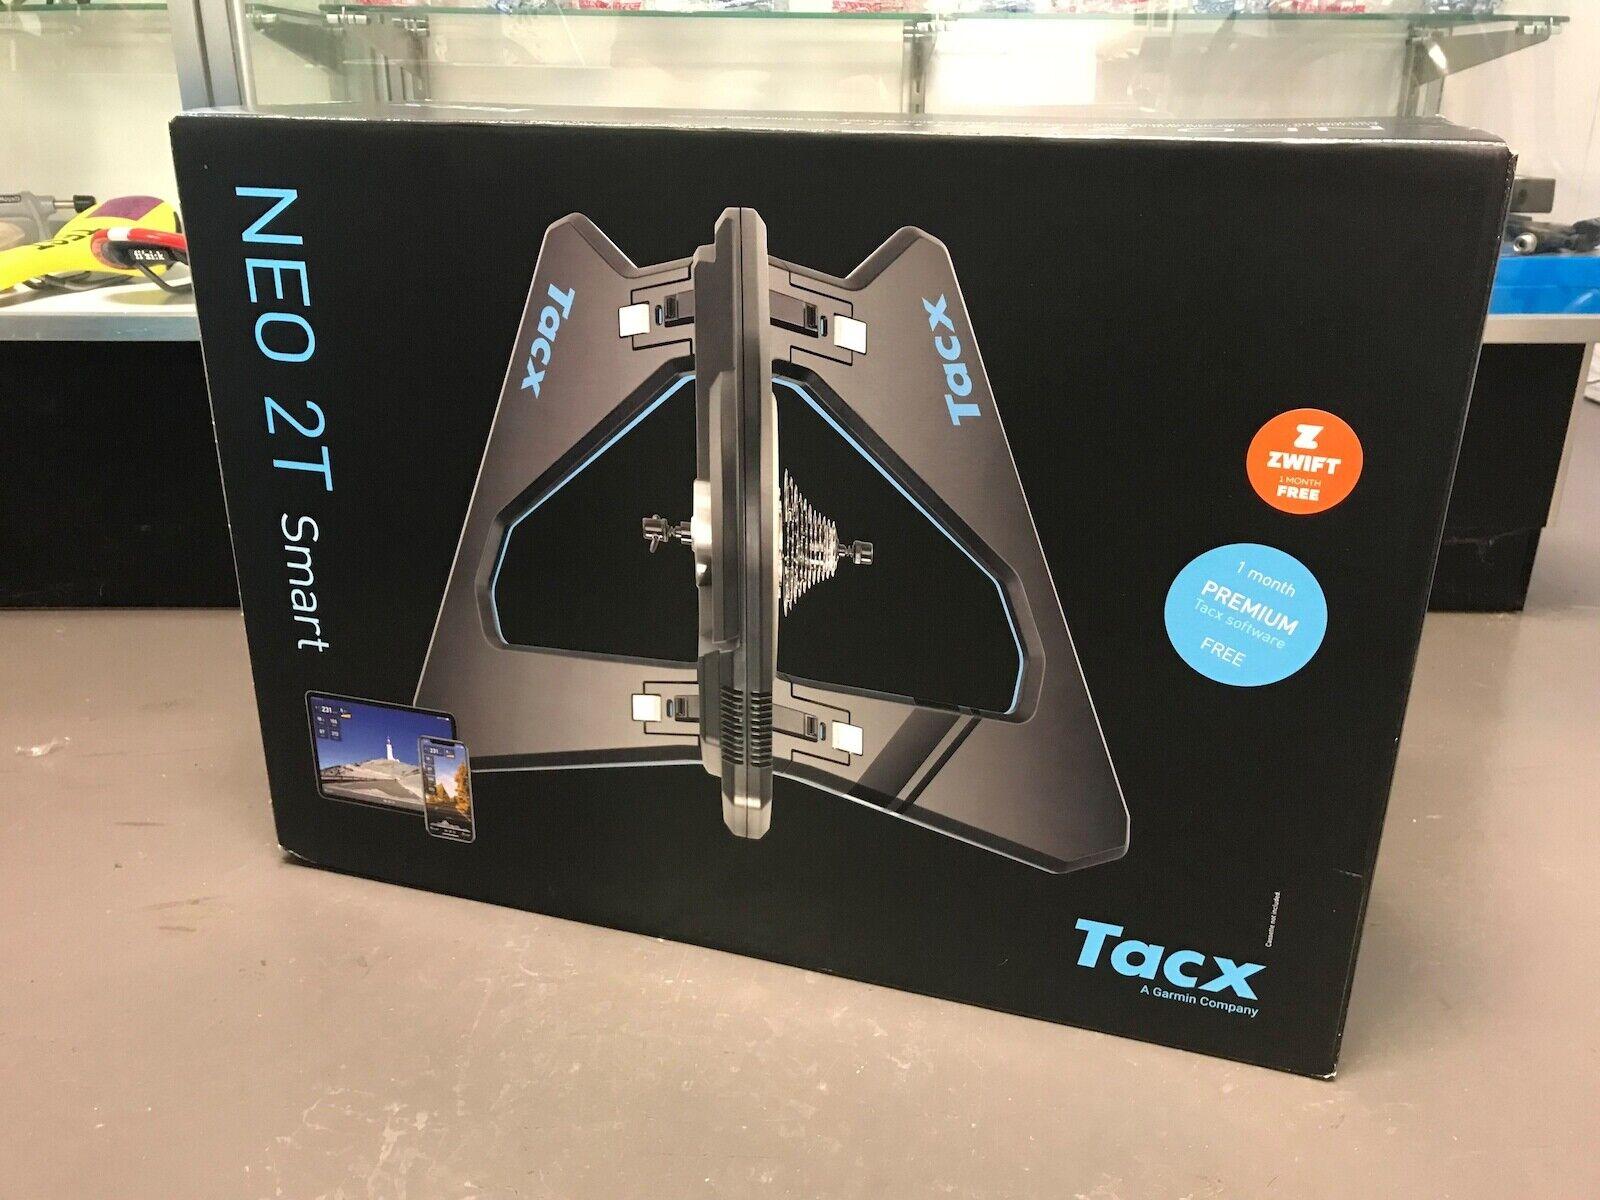 Imagem 1 - Tacx Neo 2T Smart Treinador De Bicicleta interno em estoque e pronto para envio funciona W zwift!